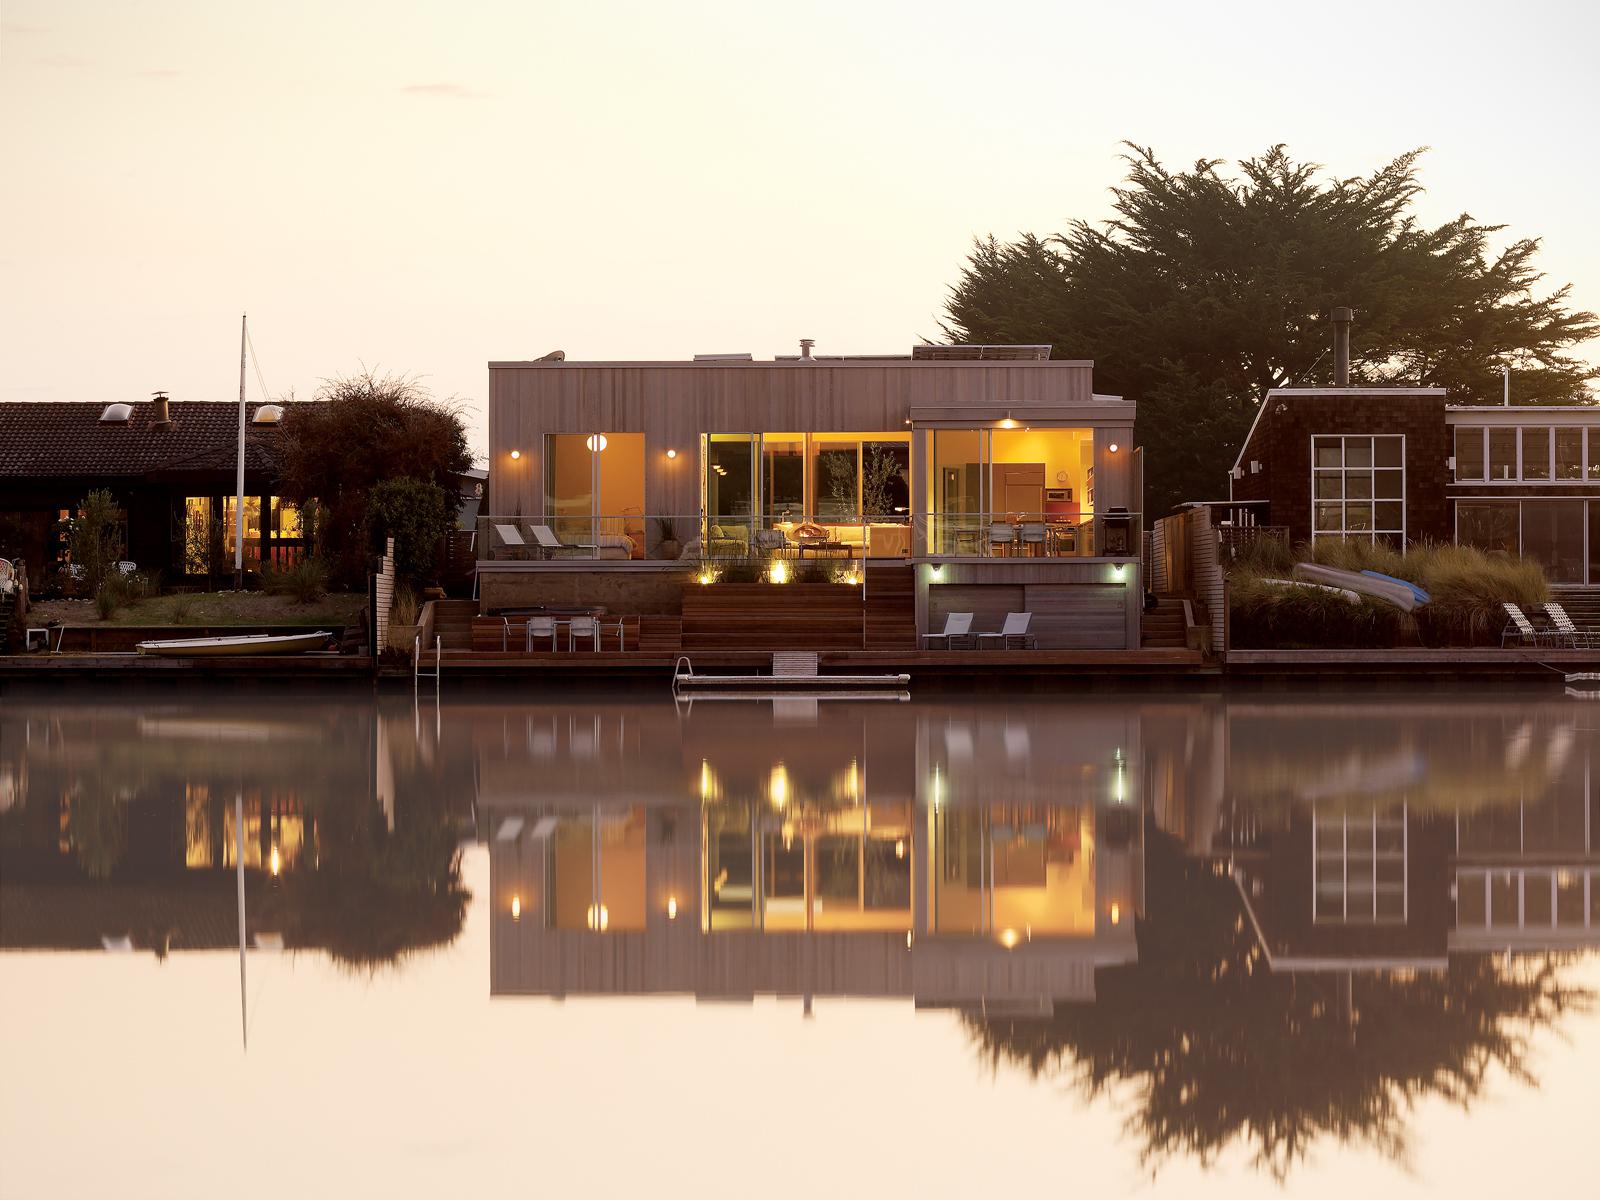 豊かな自然と寄り添う暮らしを叶える家「The Green Lagoon」